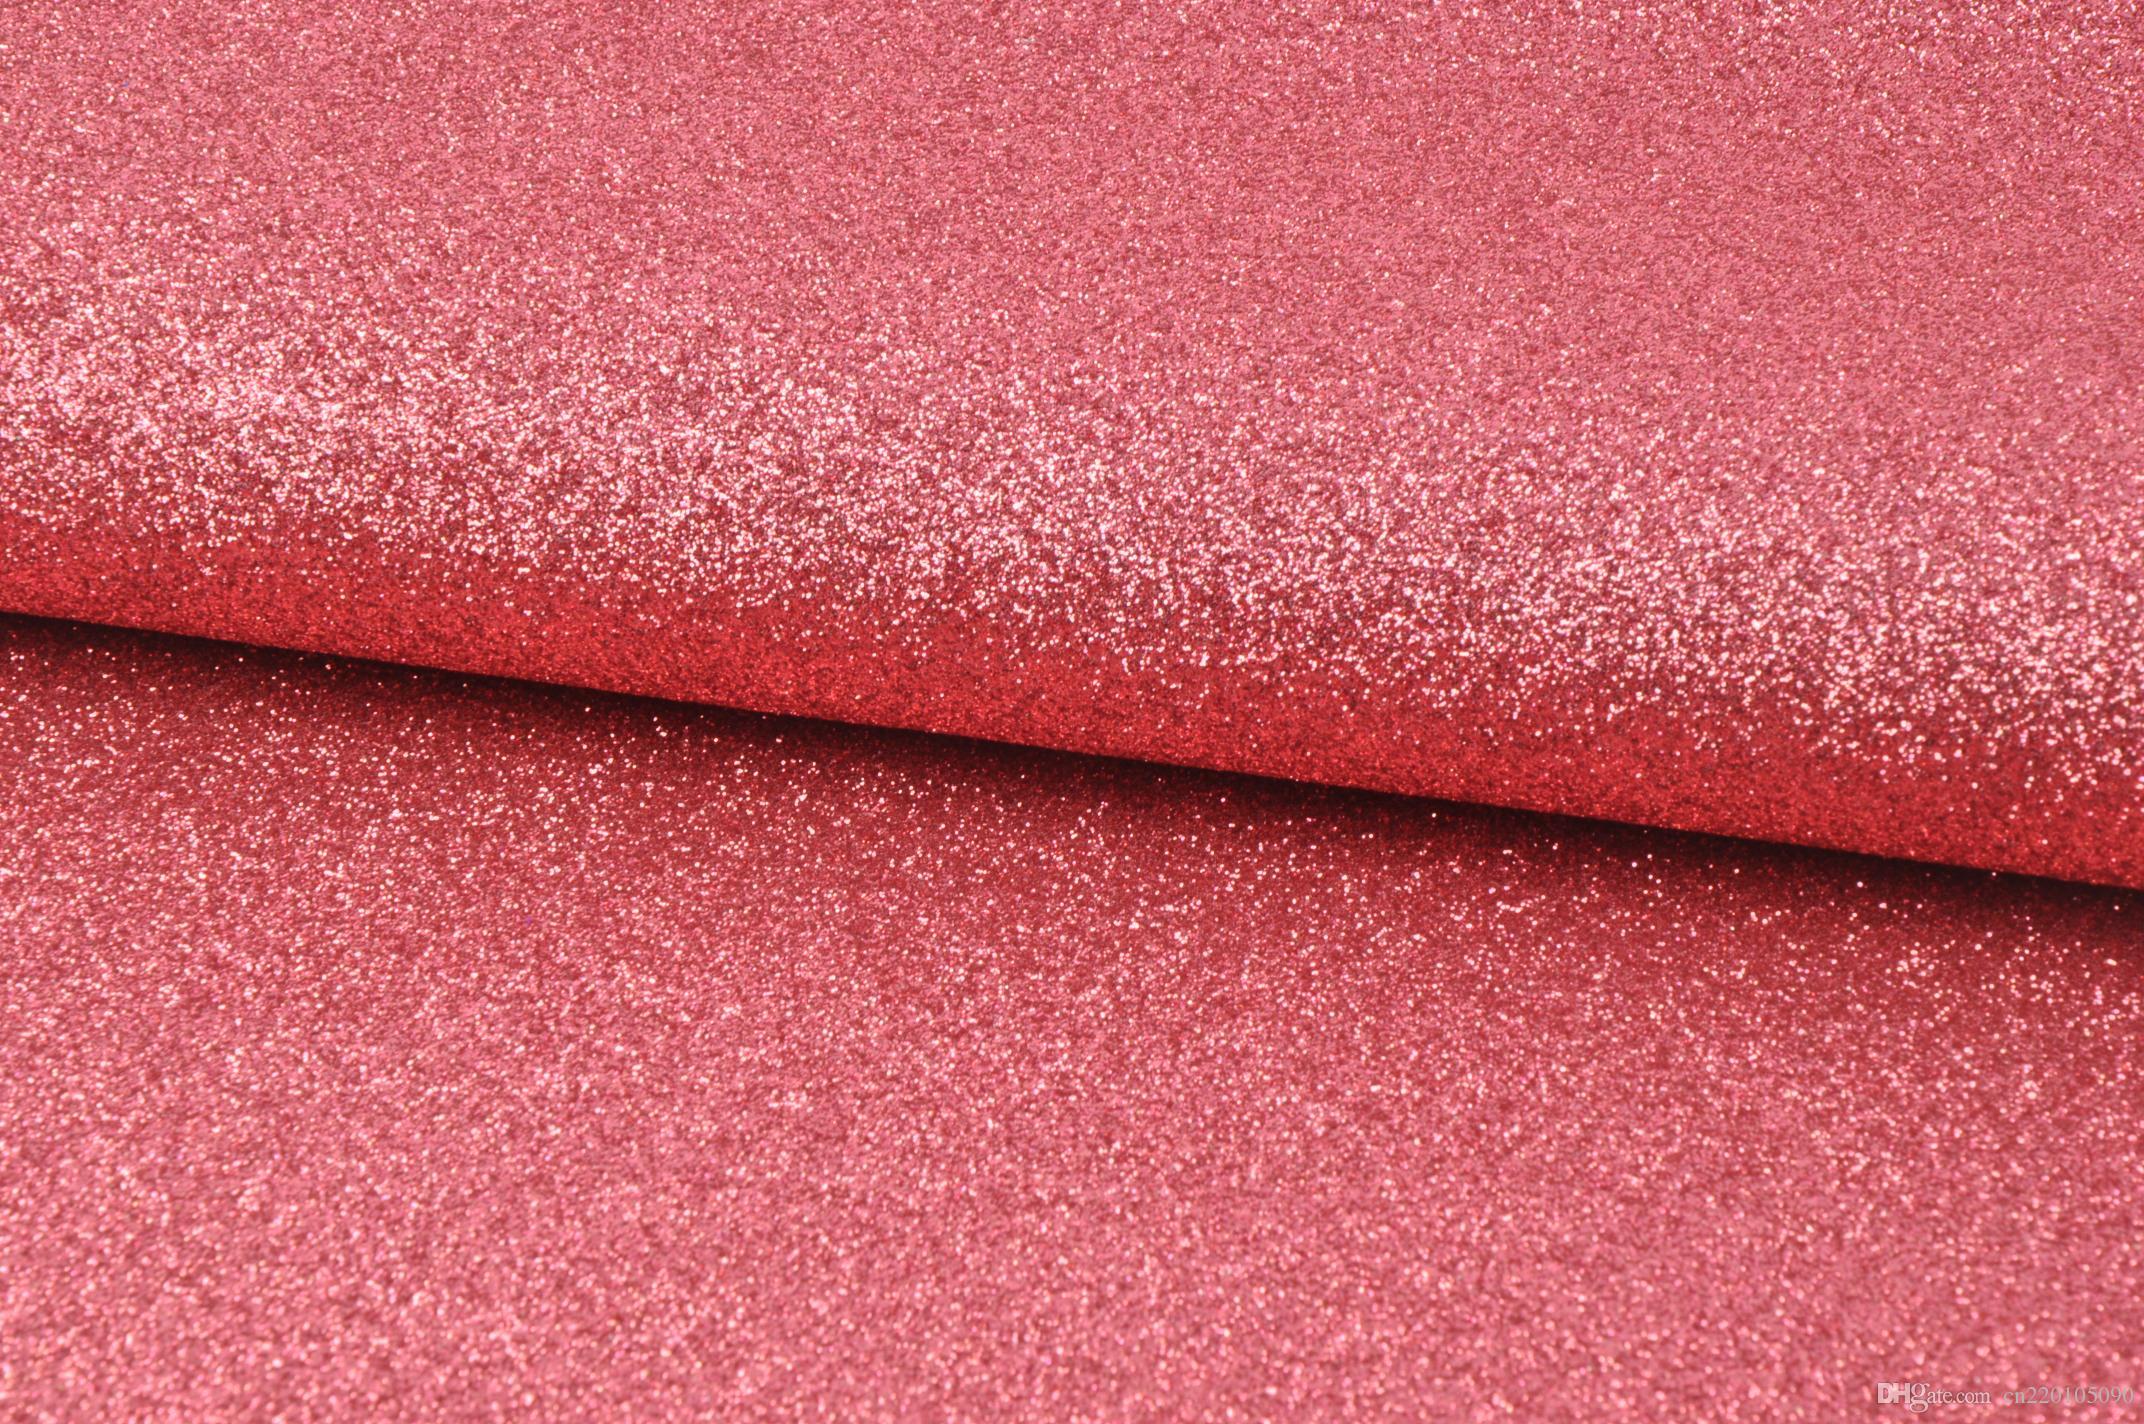 Carta Da Parati Tessuto acquista tessuto jc pack glitter vinilico, tessuto glitter carta da parati,  tessuto glitterato in pu da 11m / lotto con spedizione in drop a 63,26 €